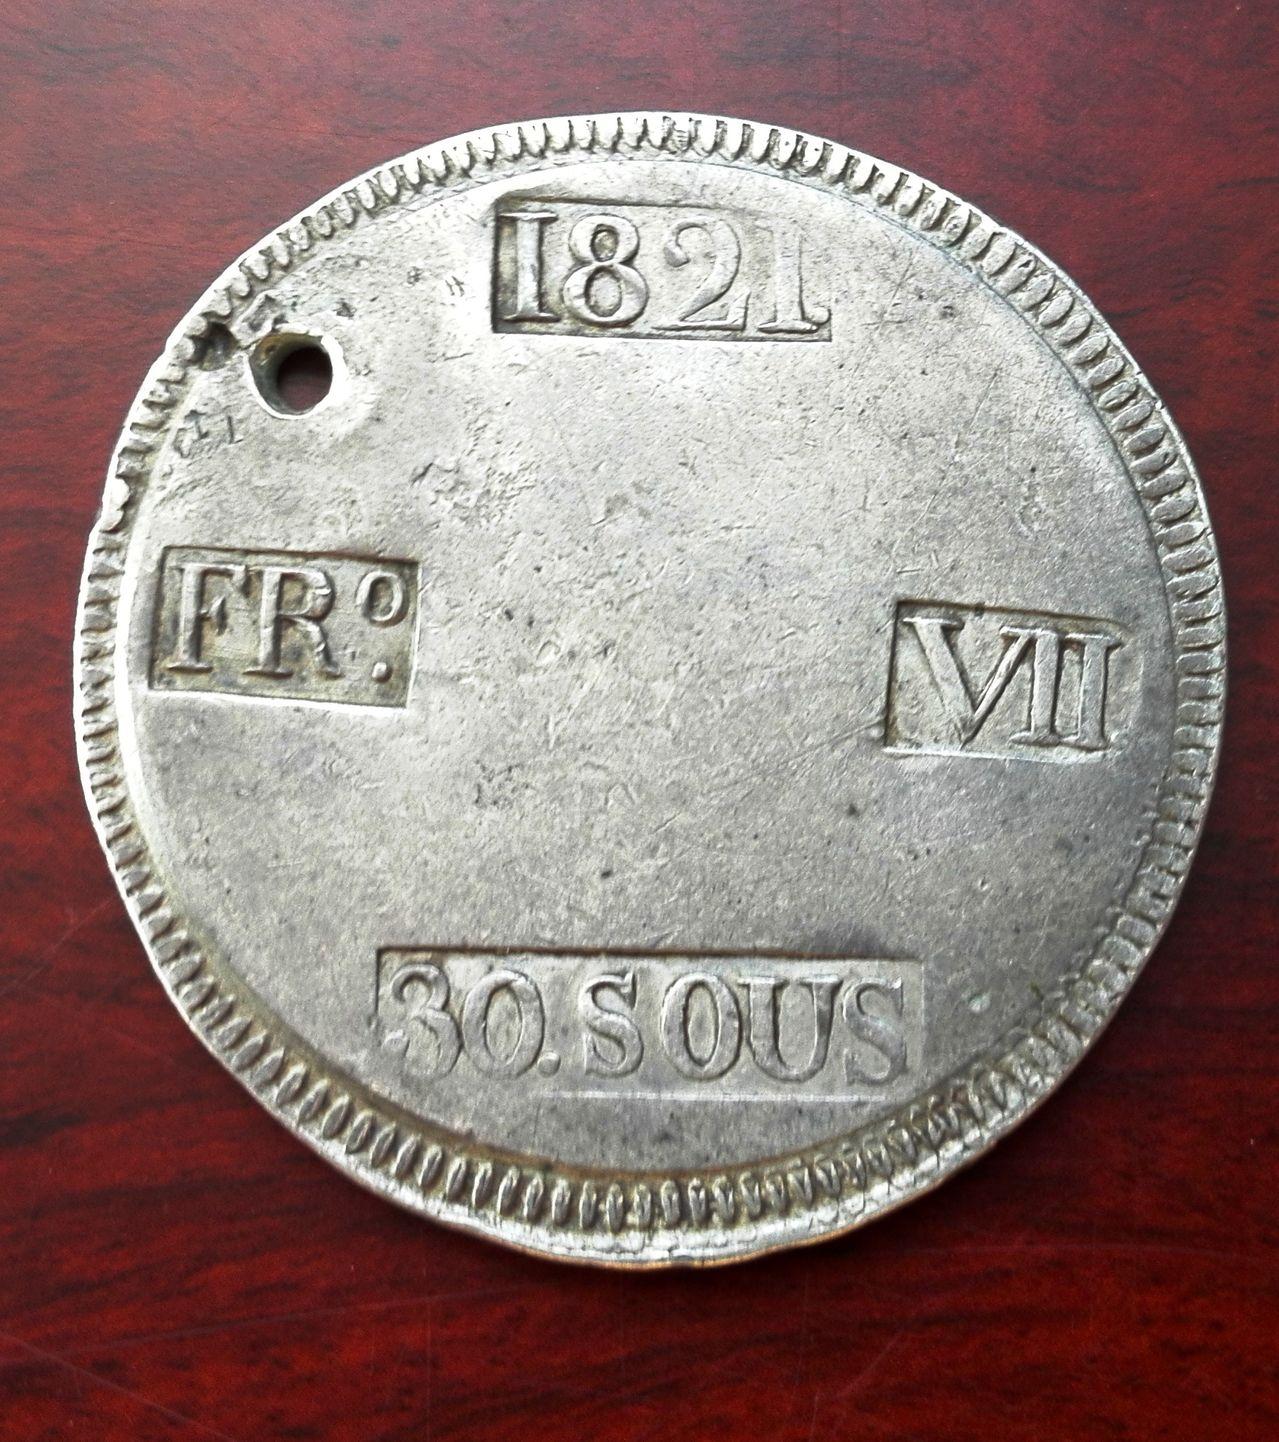 30 sous 1821 Fernando VII Palma de Mallorca 30_sous_1821